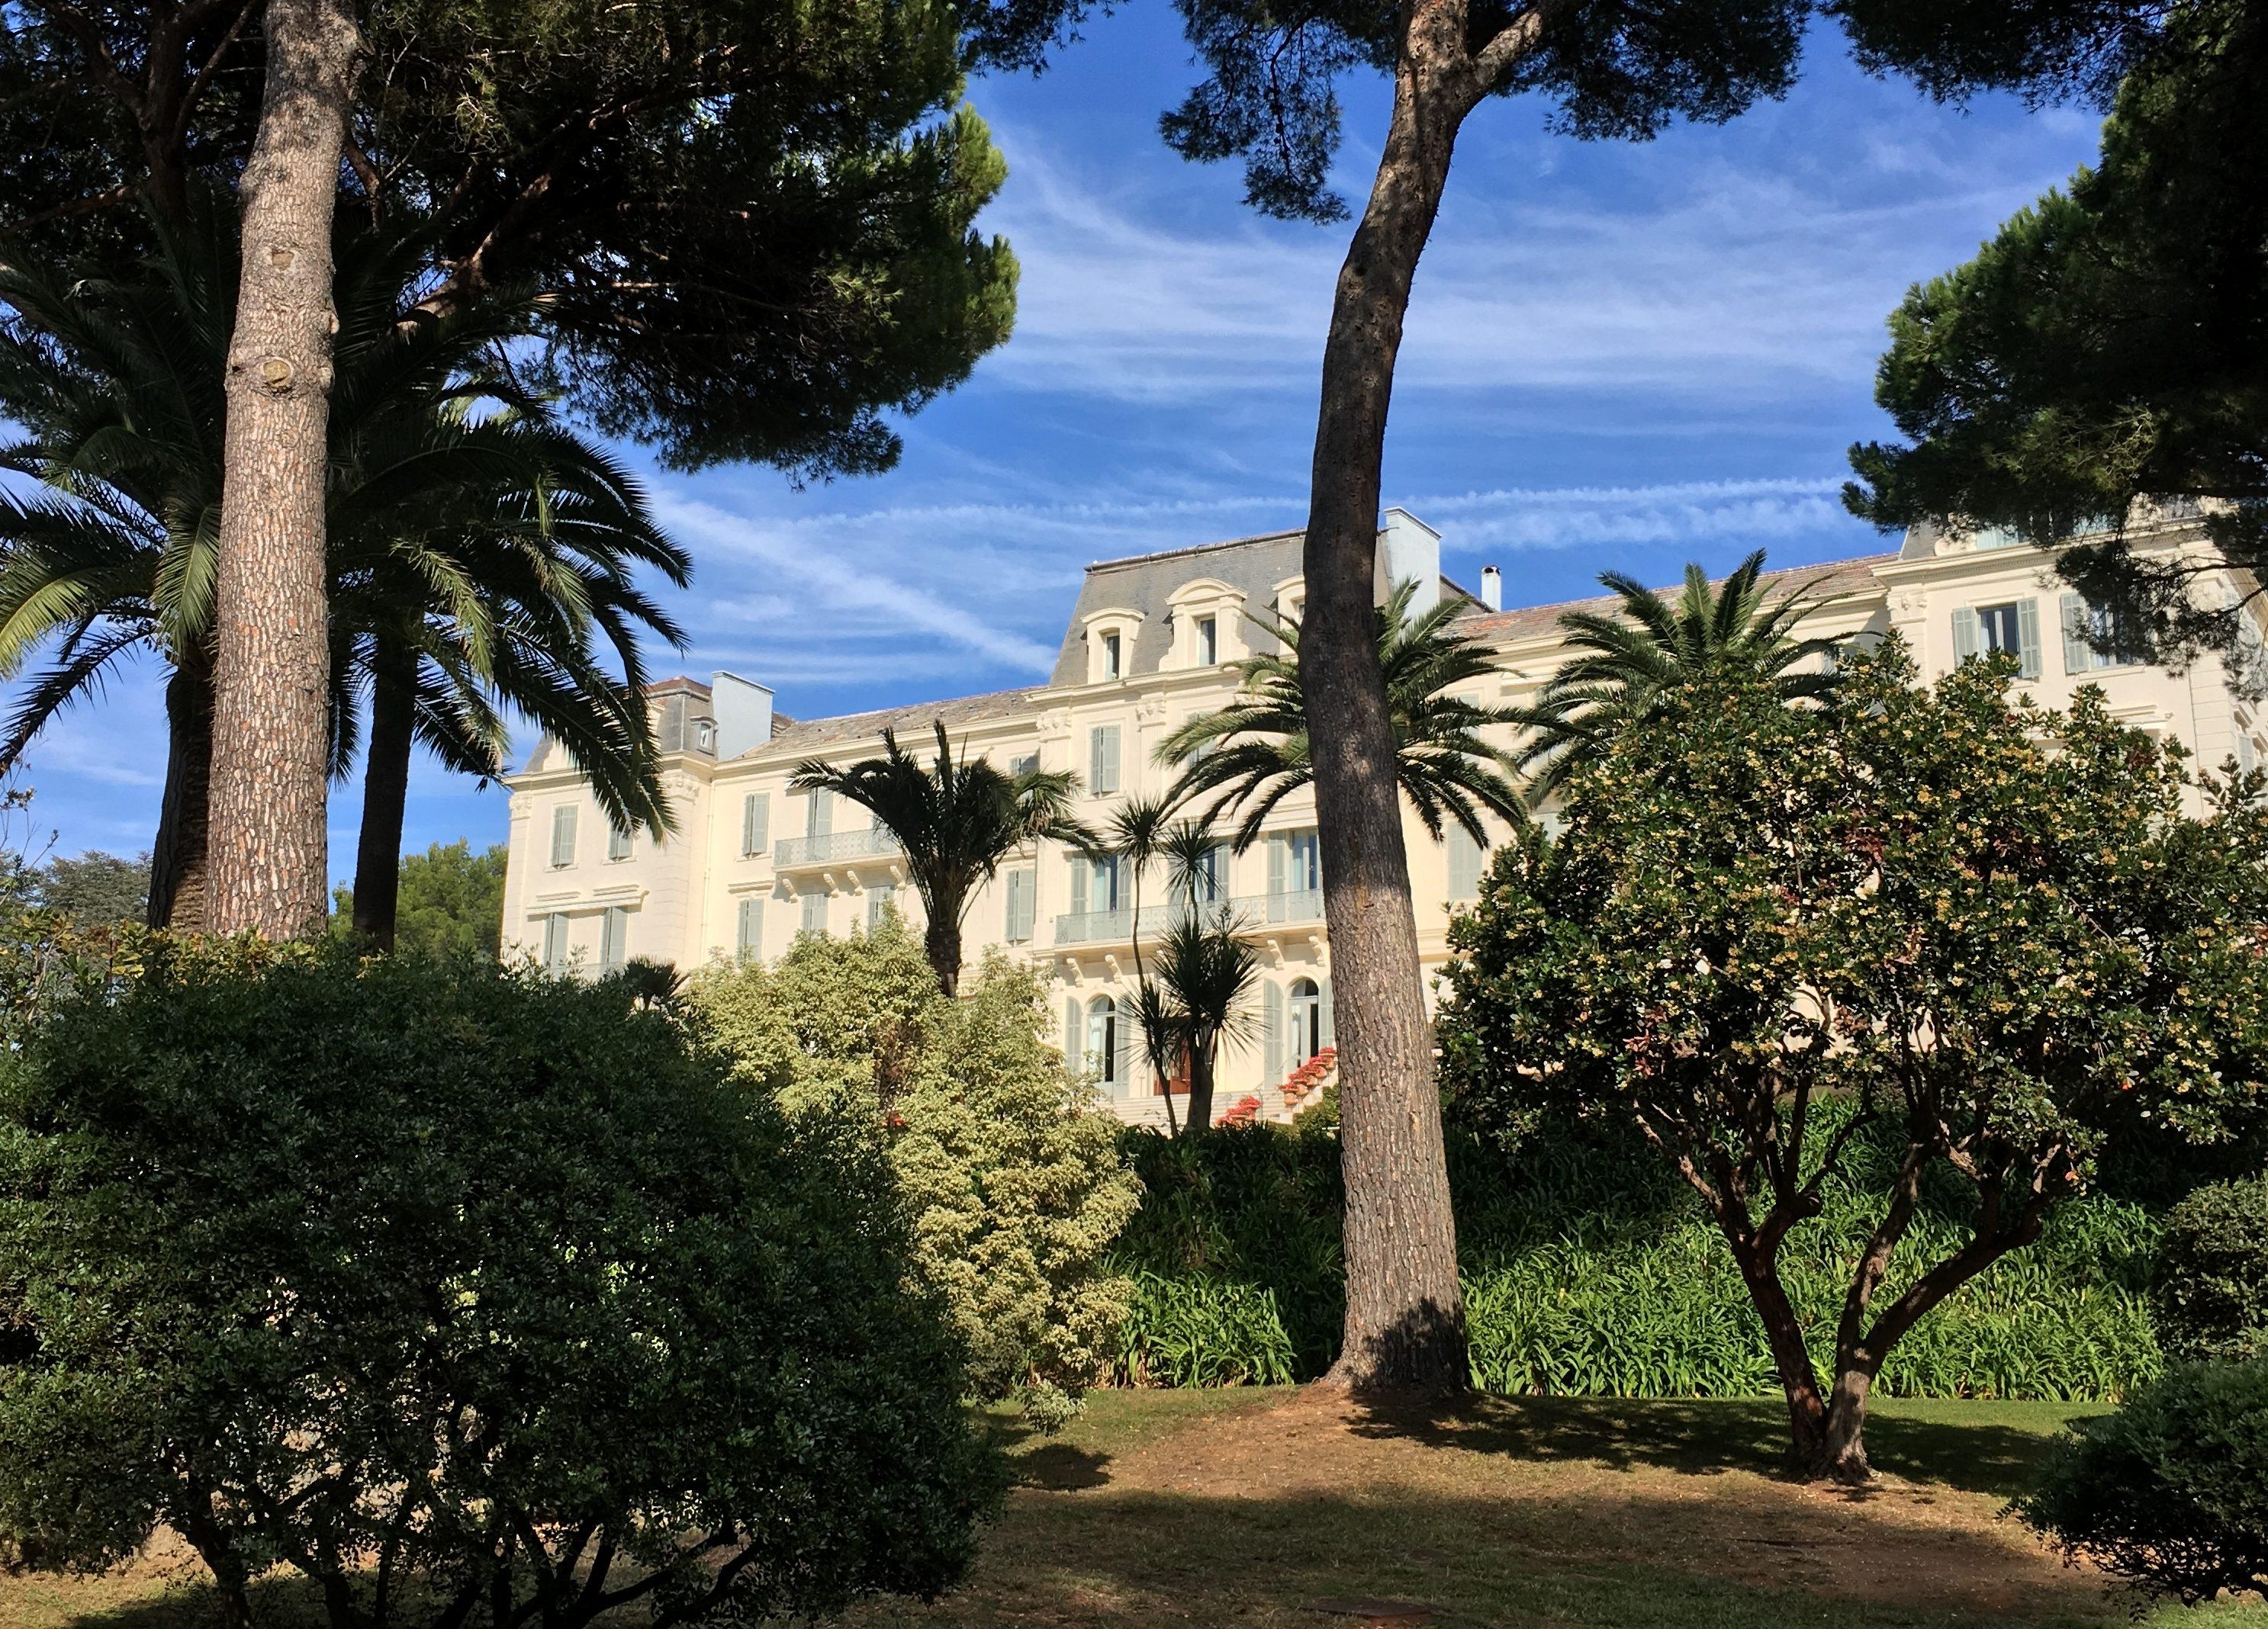 @exotiktraveler's cover photo for 'Hotel Review: Hotel du Cap Eden Roc, Antibes by Carmen Caballero Exotiktraveler'